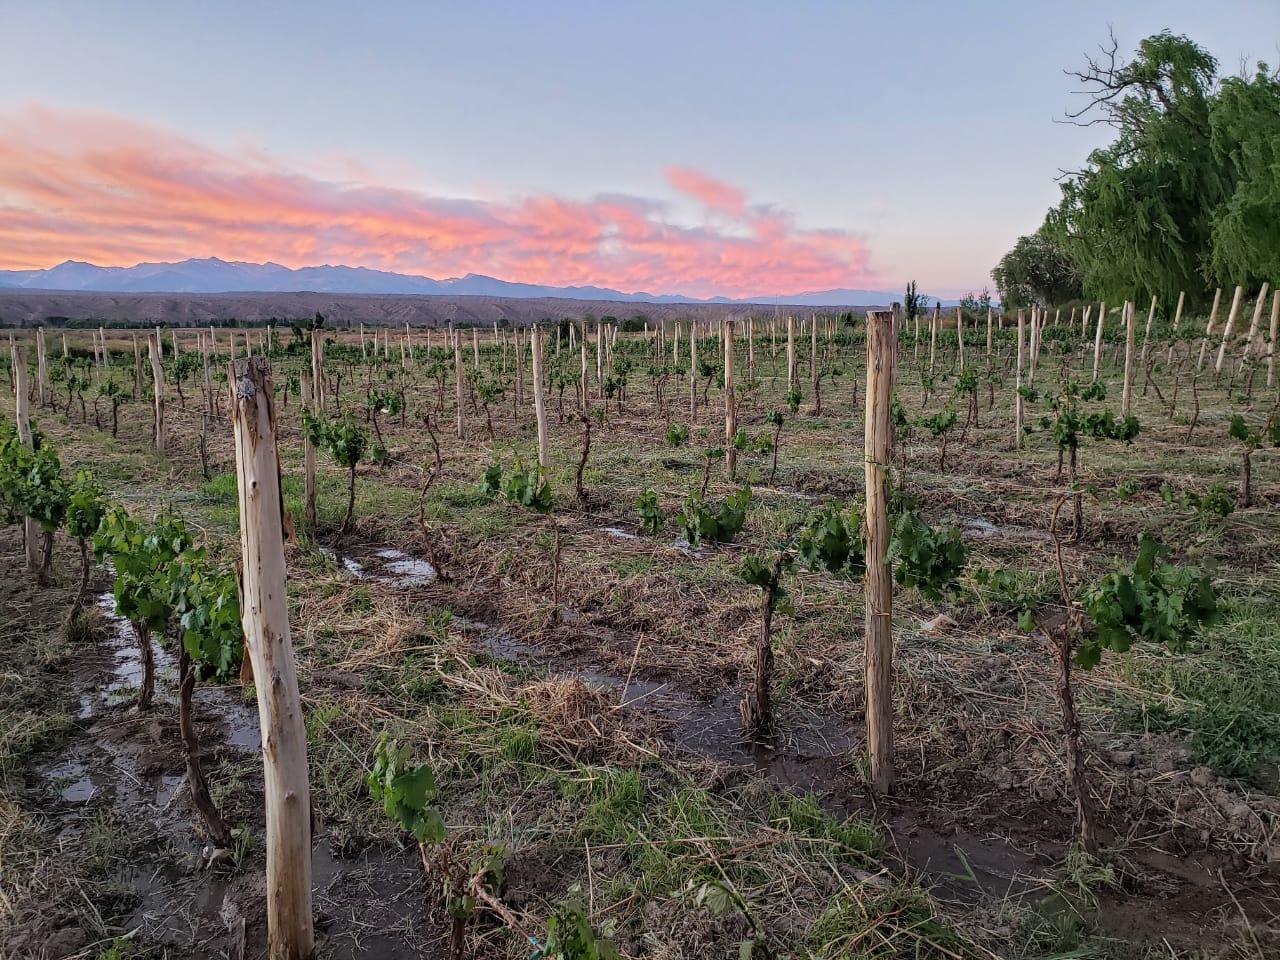 Alfil - Finca Los Dragones - Barreal - Valle de Calingasta - San Juan